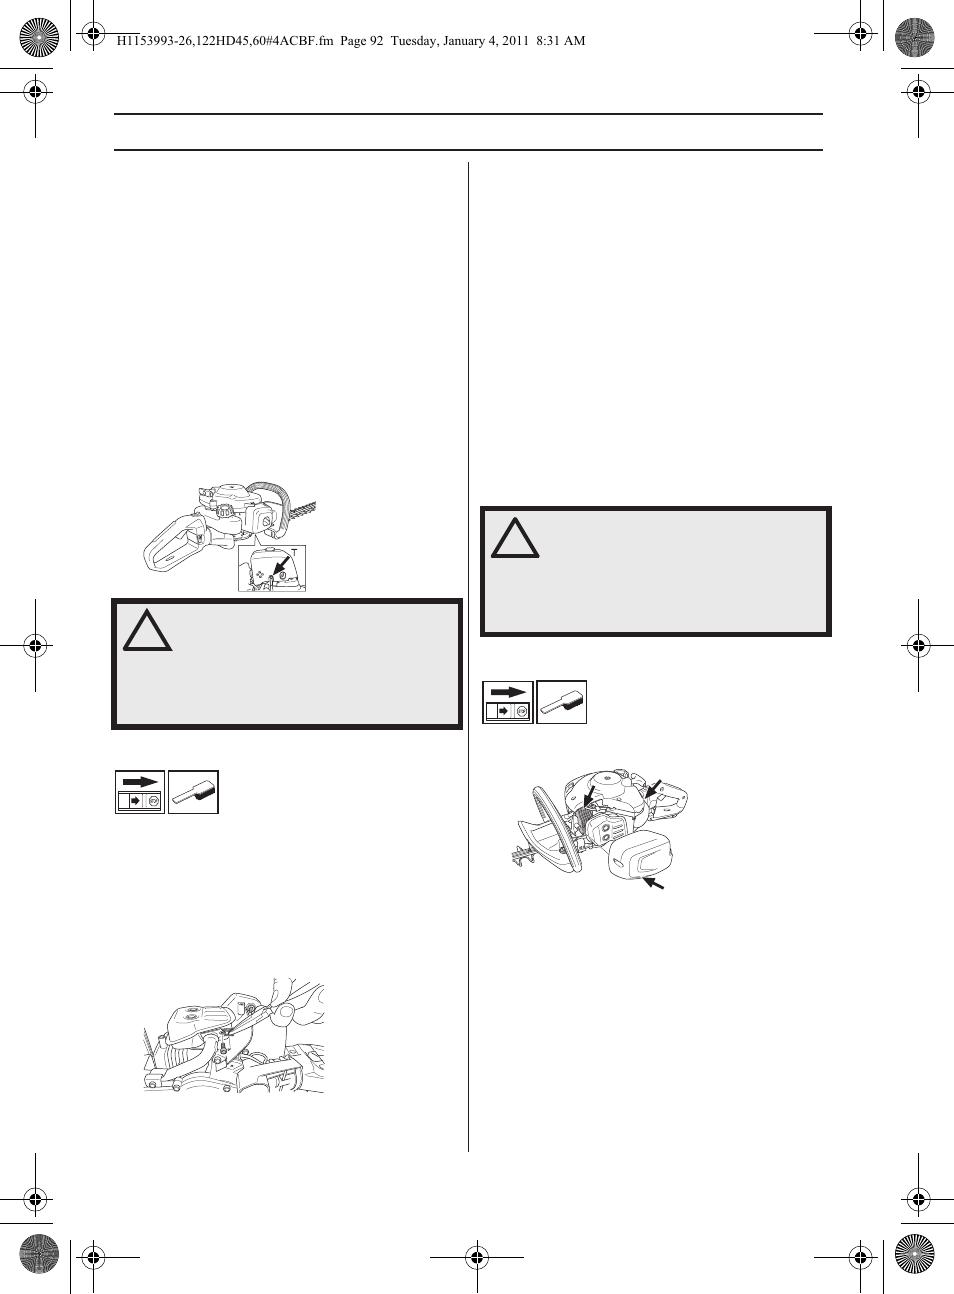 Großzügig Betrieb Des Kesselsystems Bilder - Elektrische Schaltplan ...